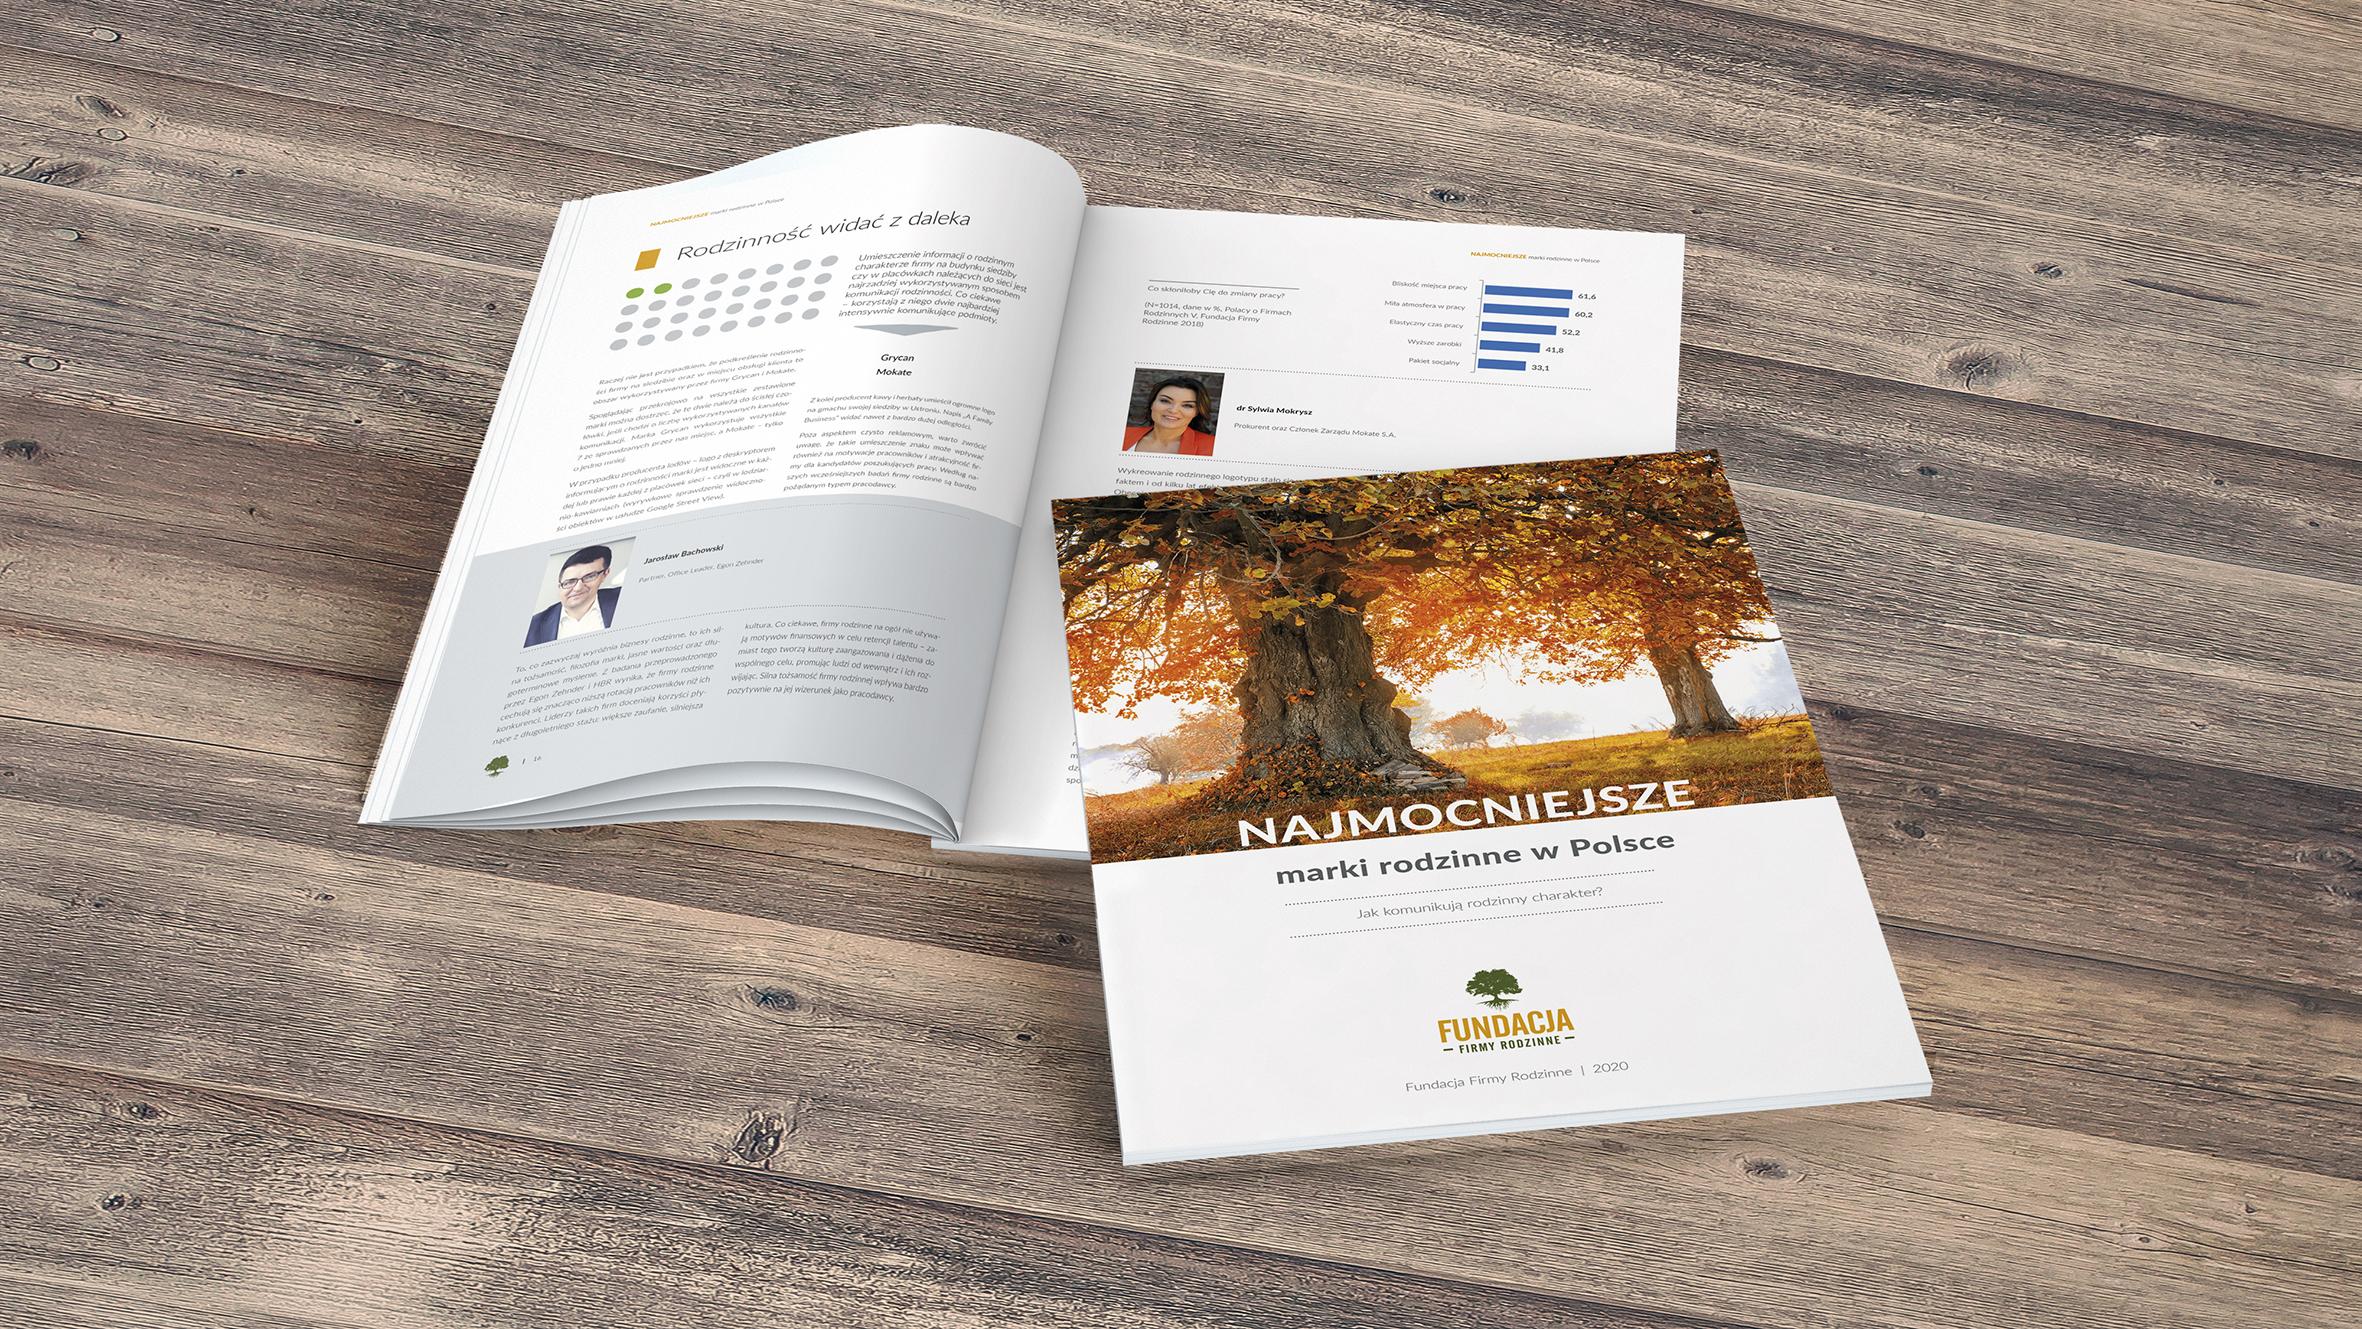 Najmocniejsze marki rodzinne raport 2020